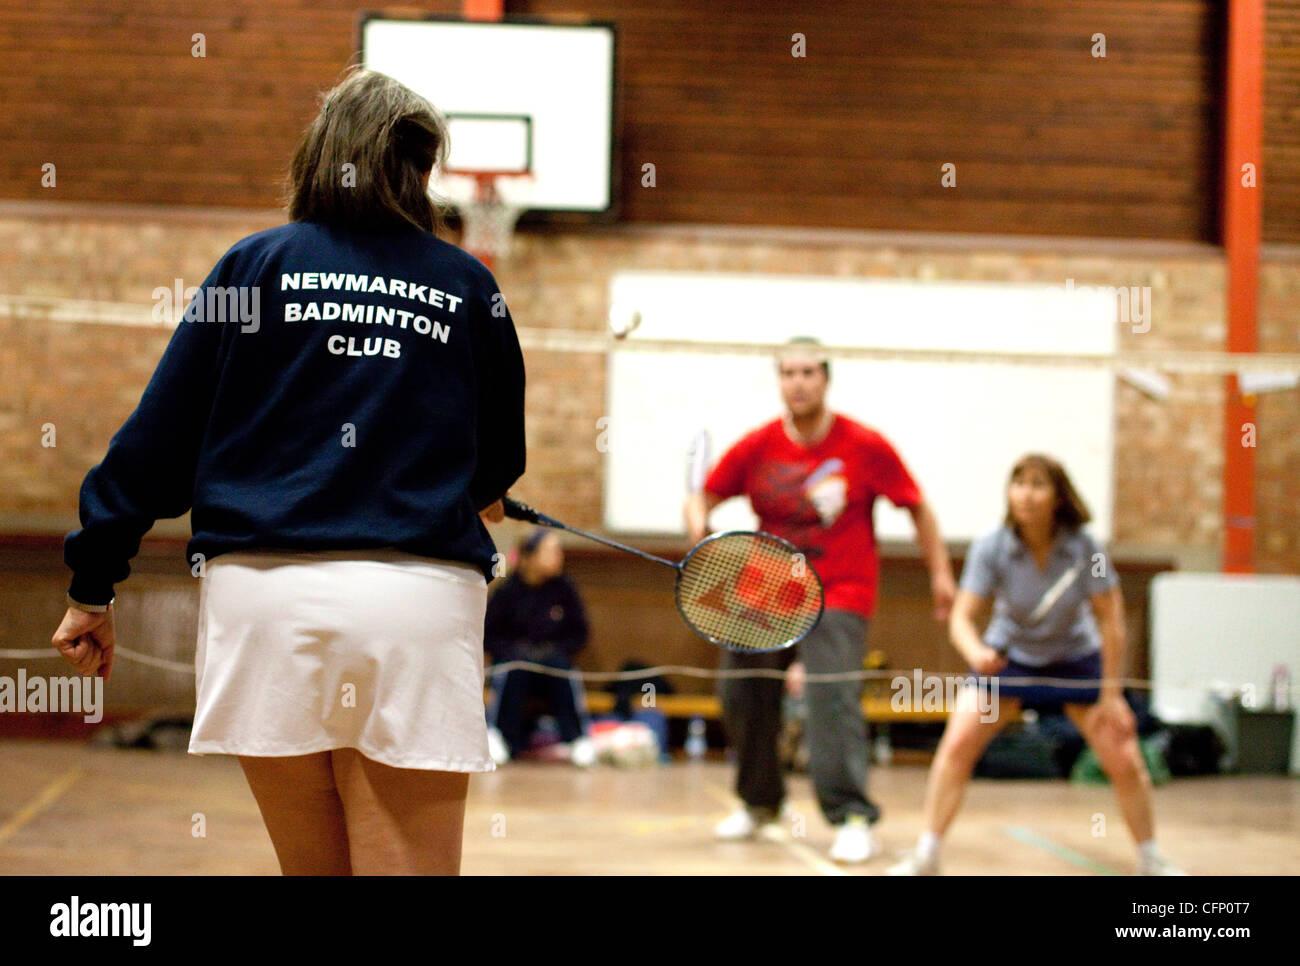 Les gens à jouer au badminton à leur club local, Newmarket Suffolk UK Photo Stock